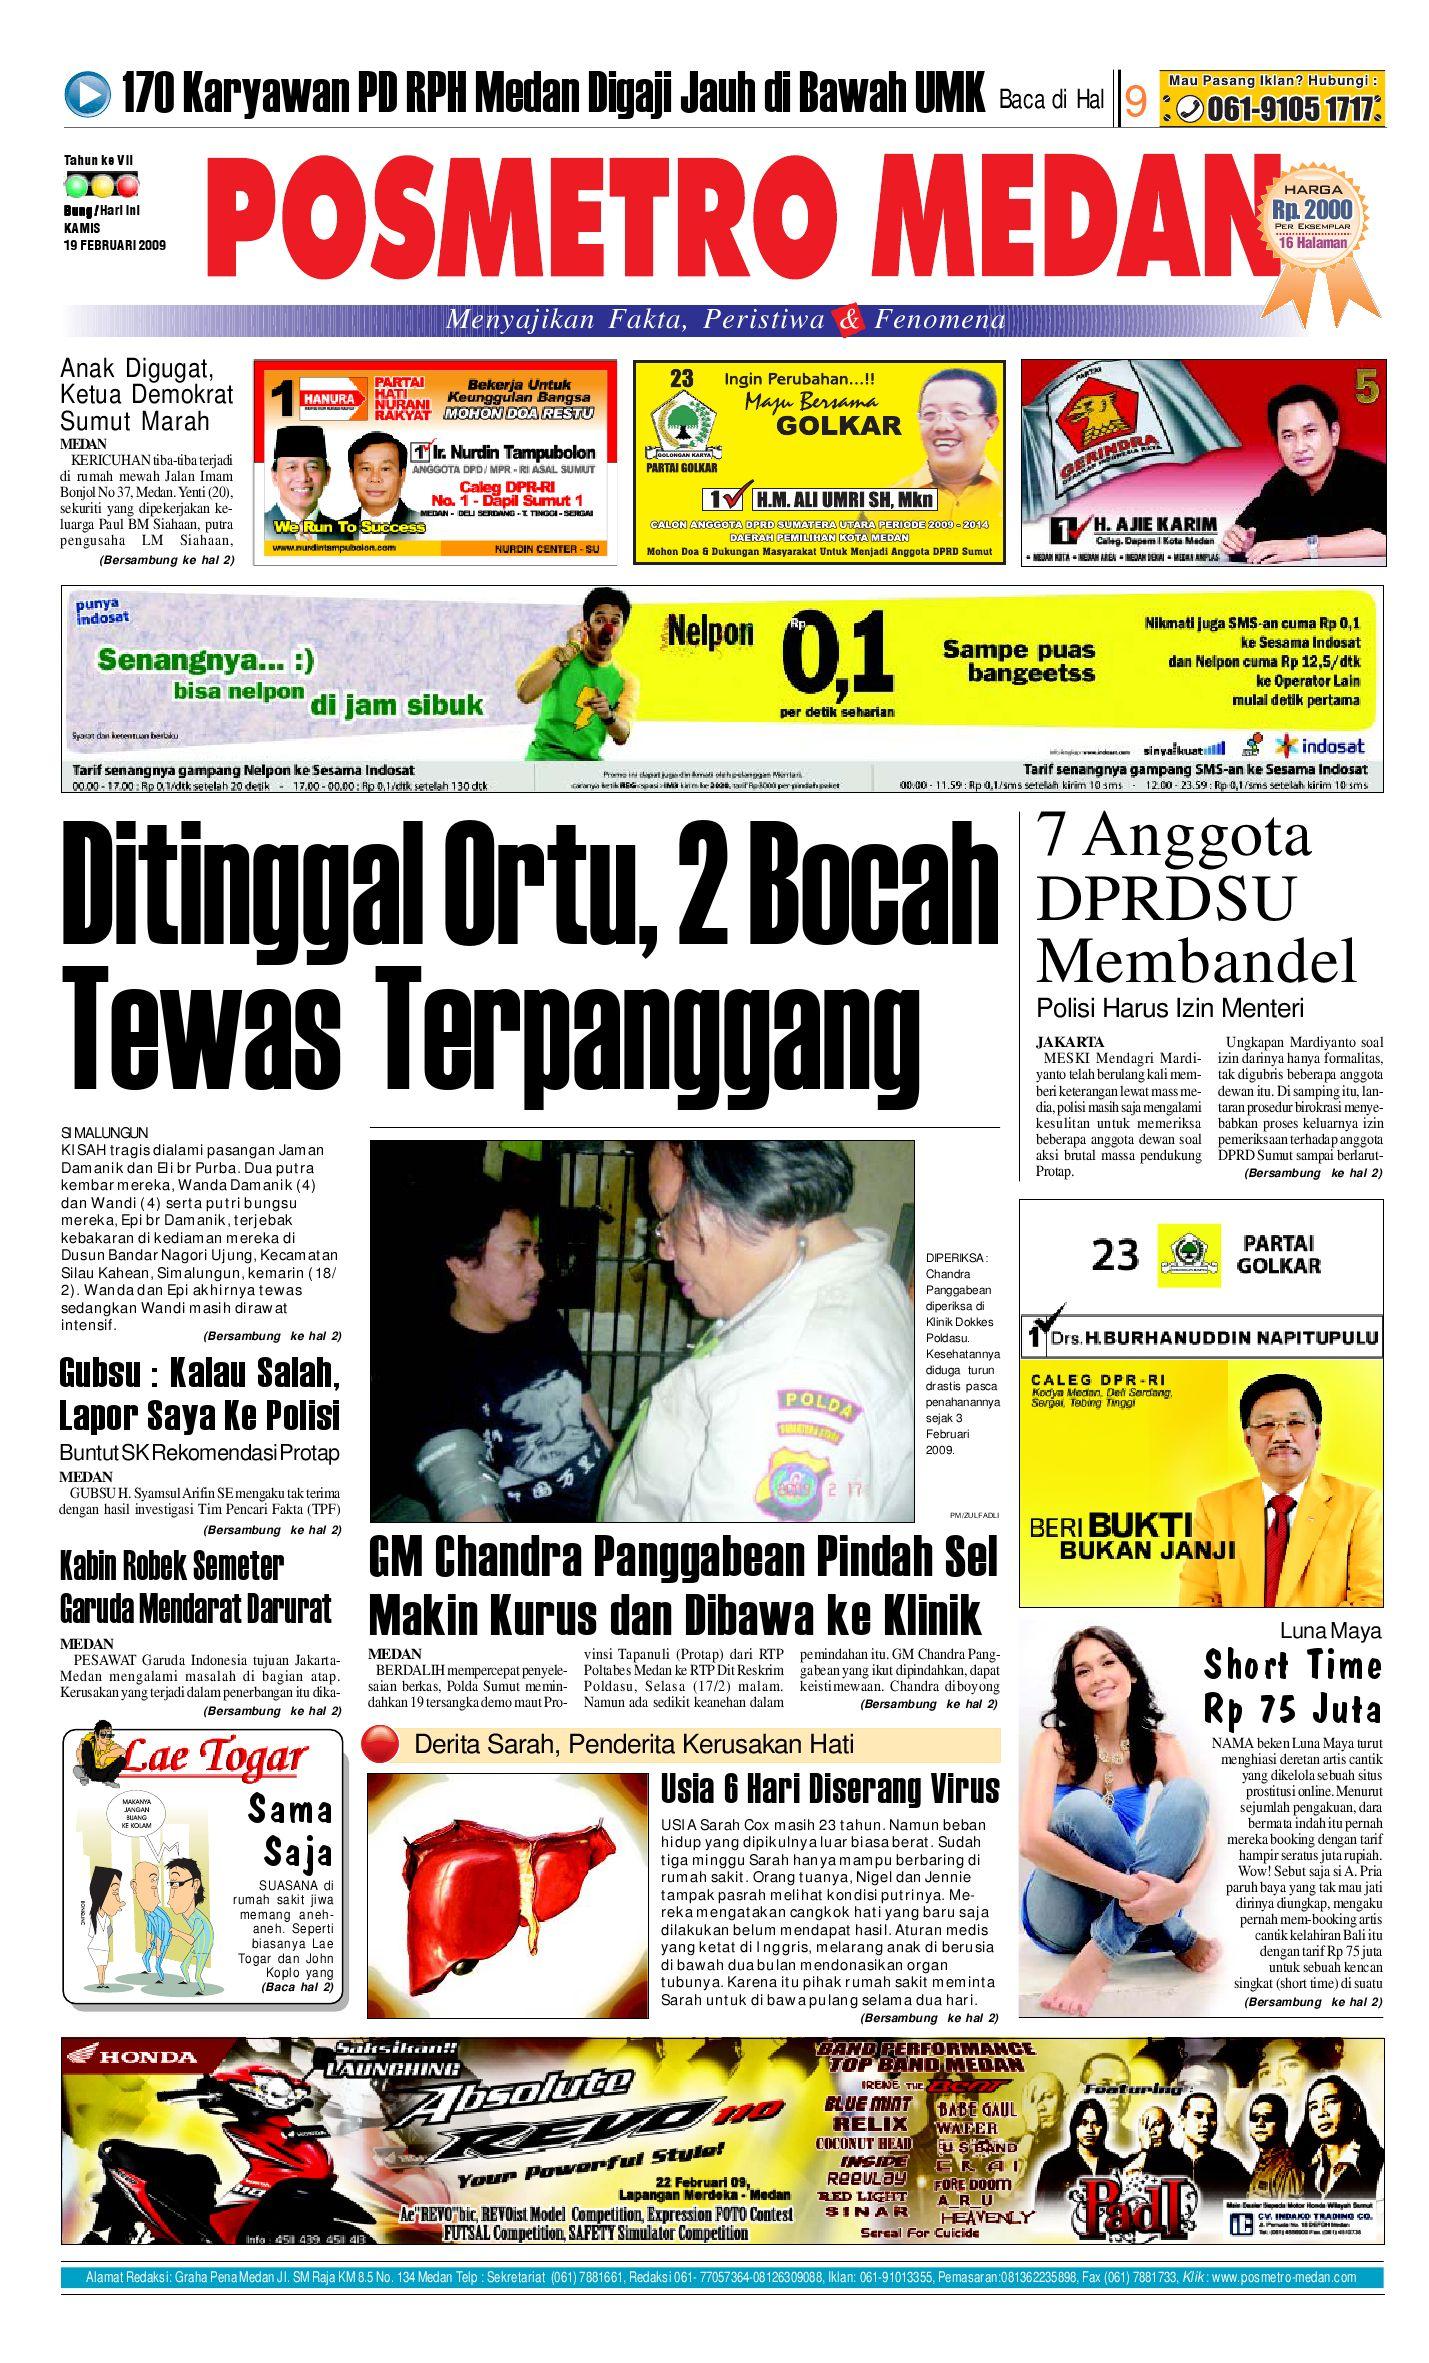 Posmetro Medan By Simon Sinaga Issuu Gendongan Bayi Depan Mbg 6201 Free Ongkir Jabodetabek